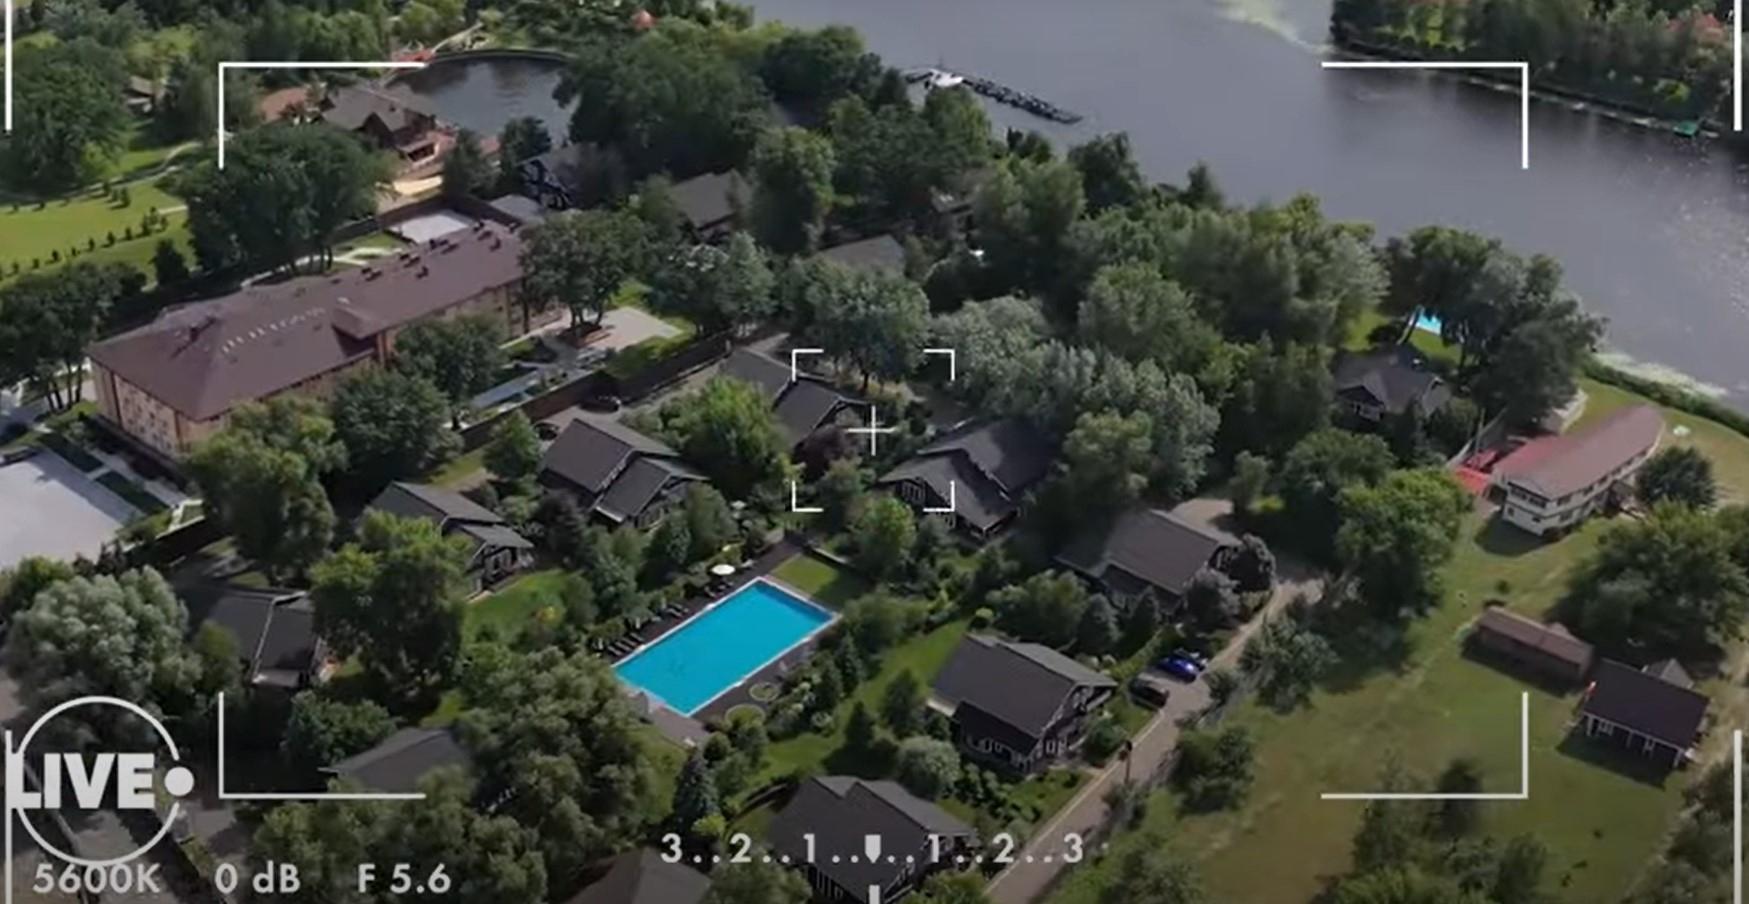 Стильный ремонт, антиквариат и бассейн с морской водой: смотрите, как выглядит дом Елены Кравец (ФОТО) - фото №1